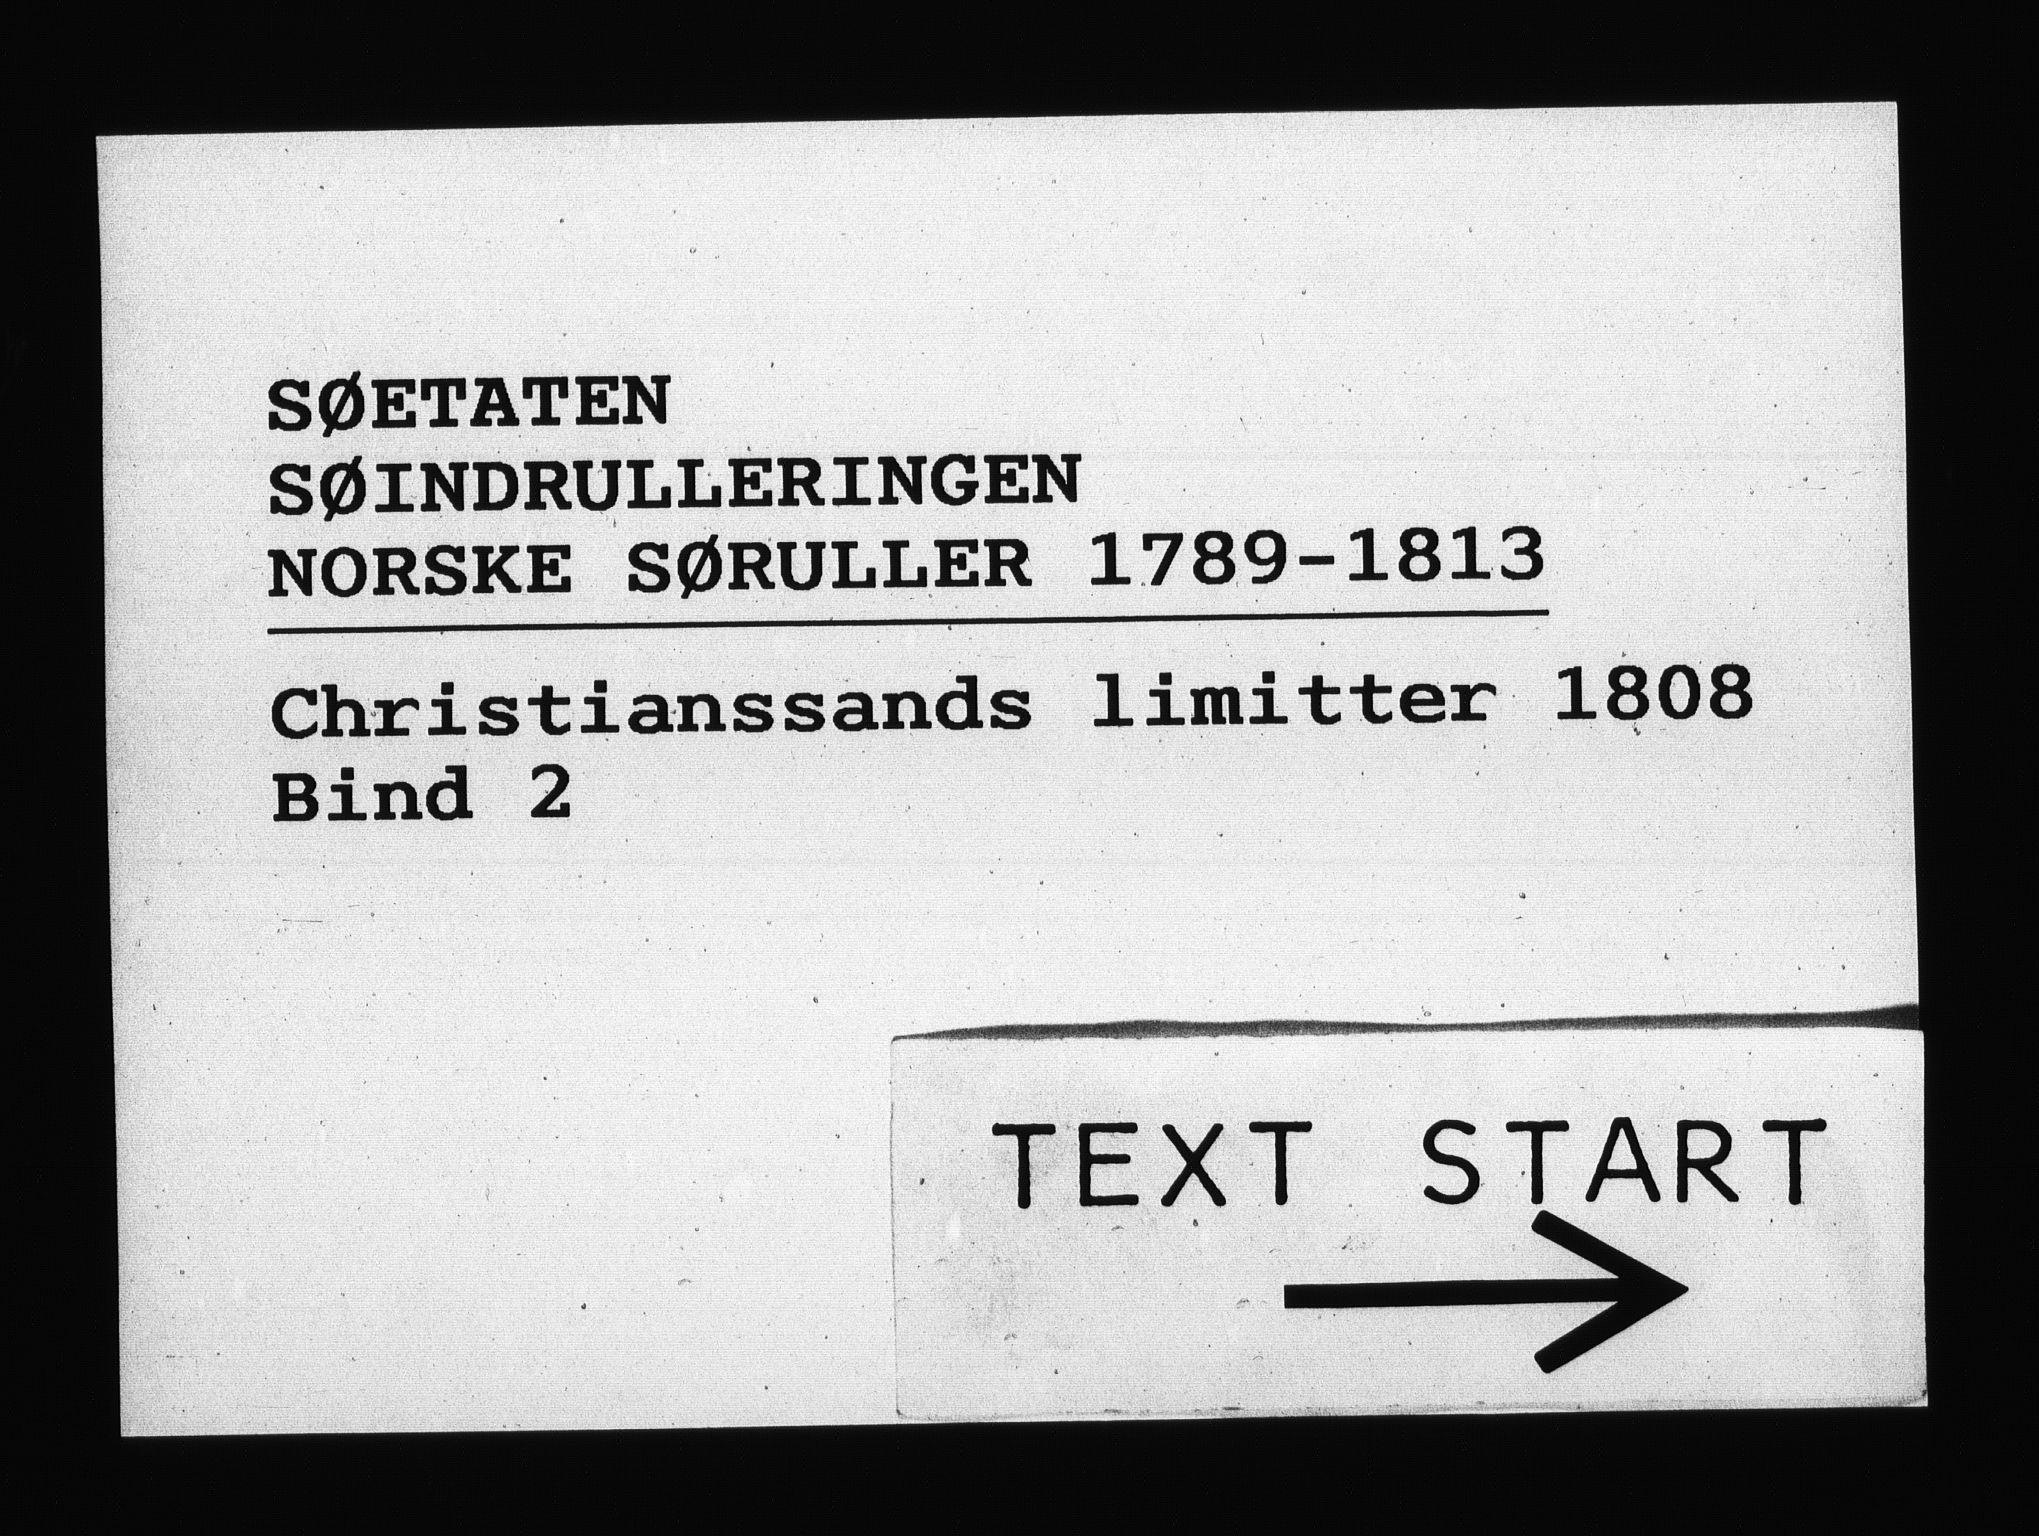 RA, Sjøetaten, F/L0102: Kristiansand limitter, bind 2, 1808